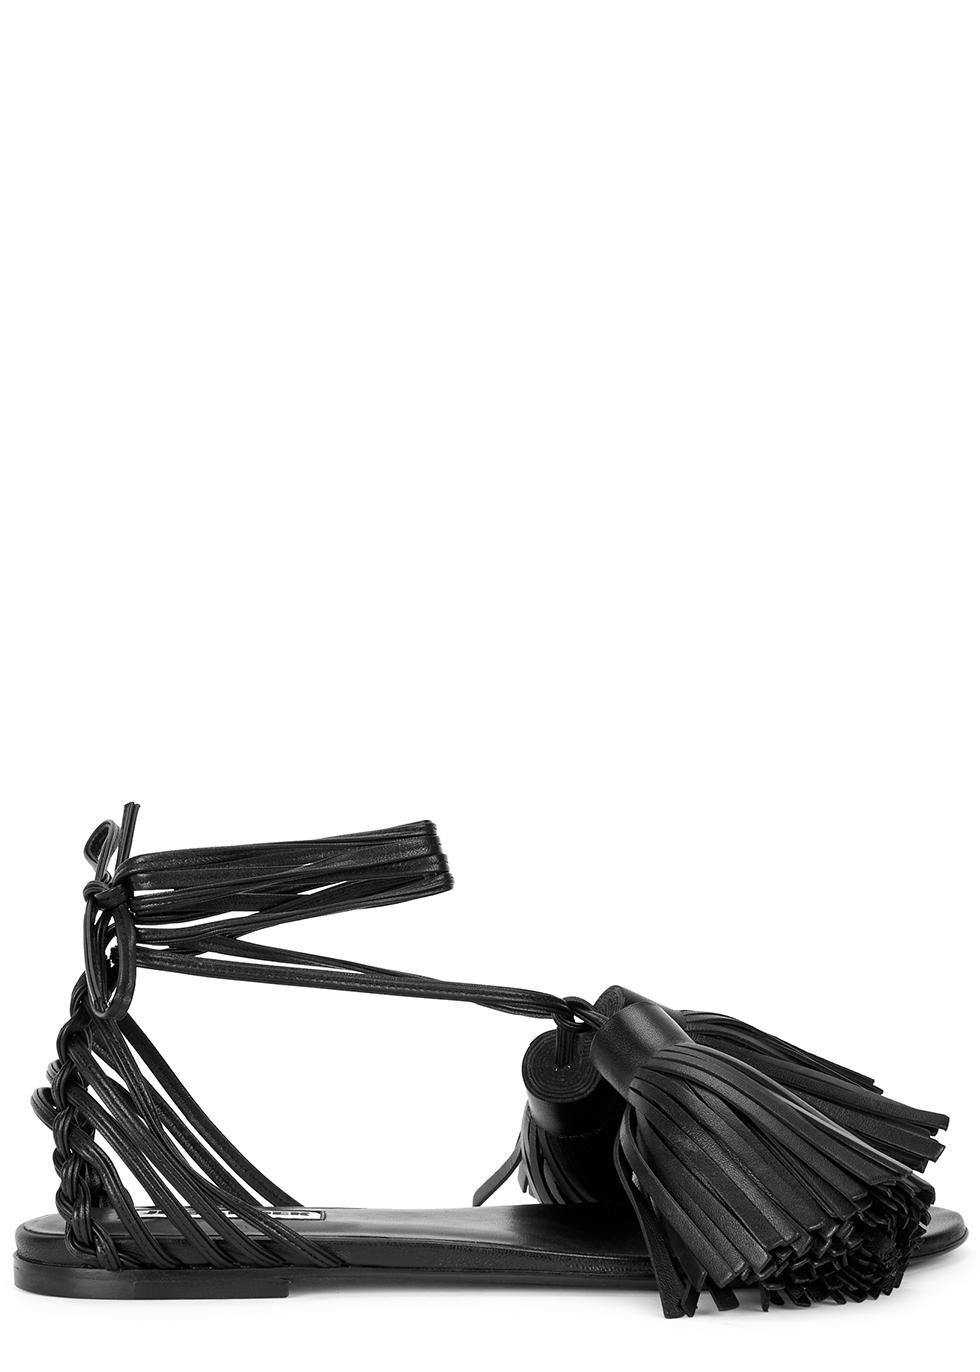 Black tasselled leather sandals